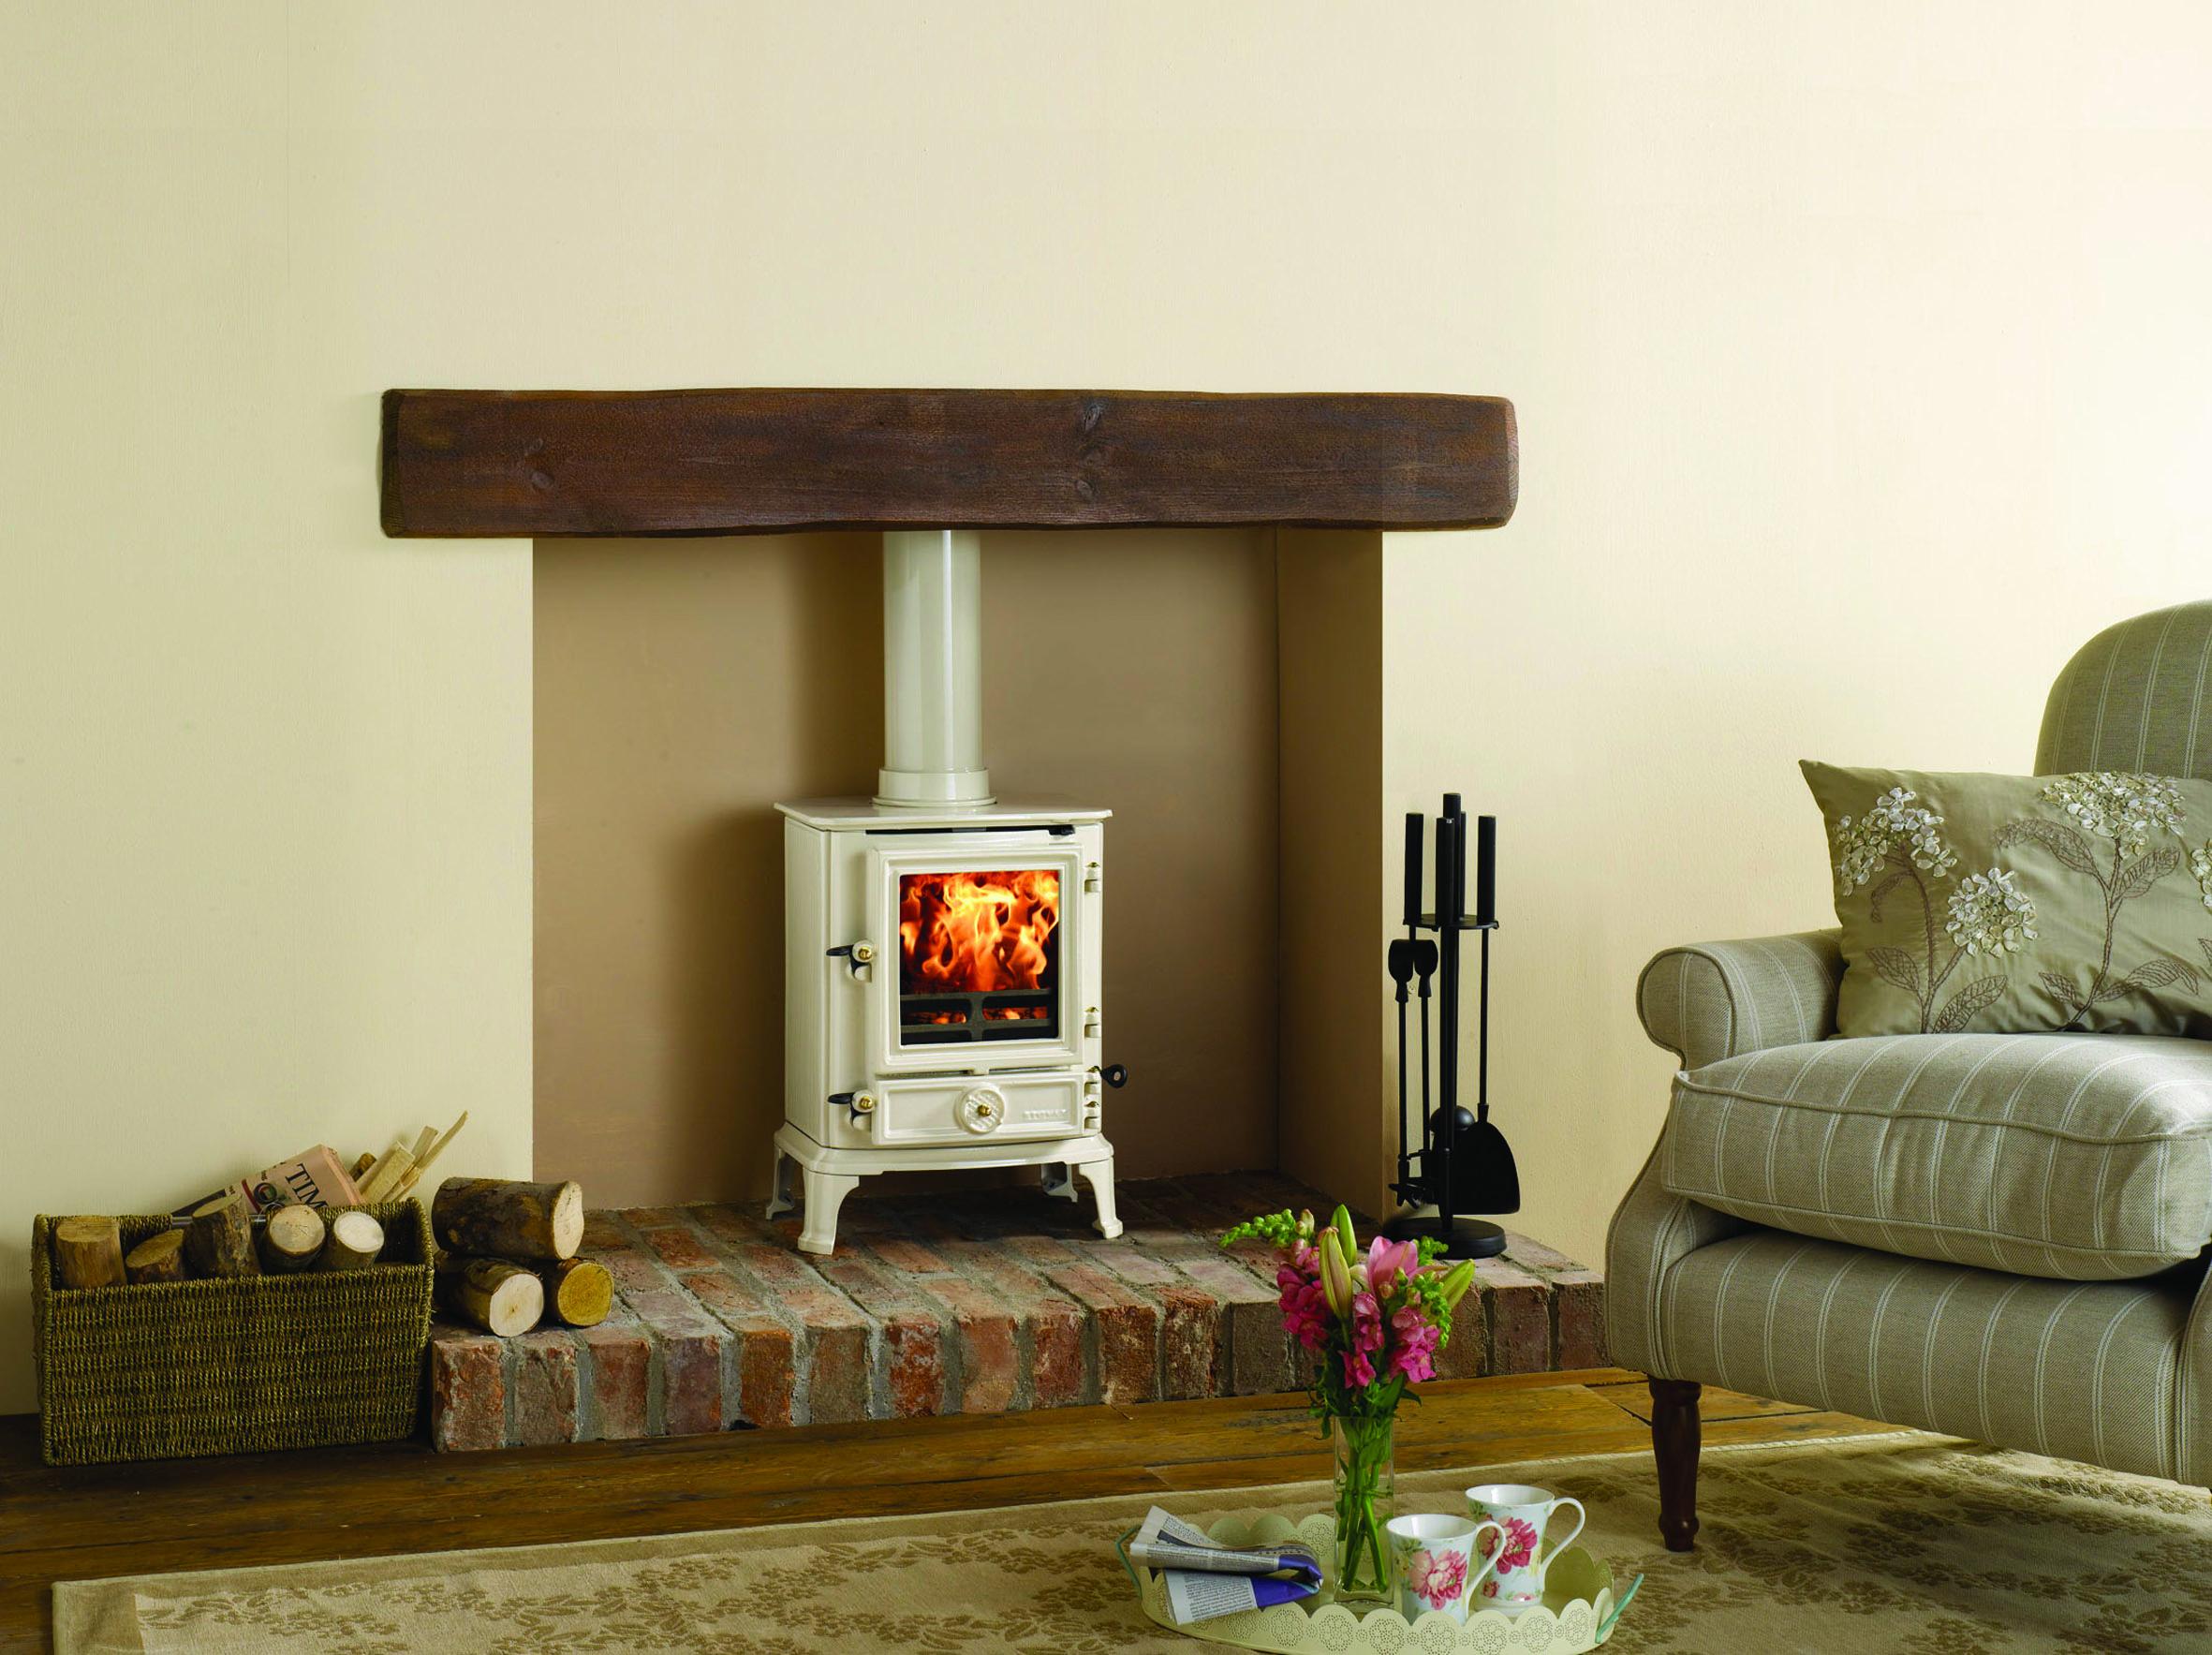 Brunel-1A-in-Ivory-enamel-burning-logs